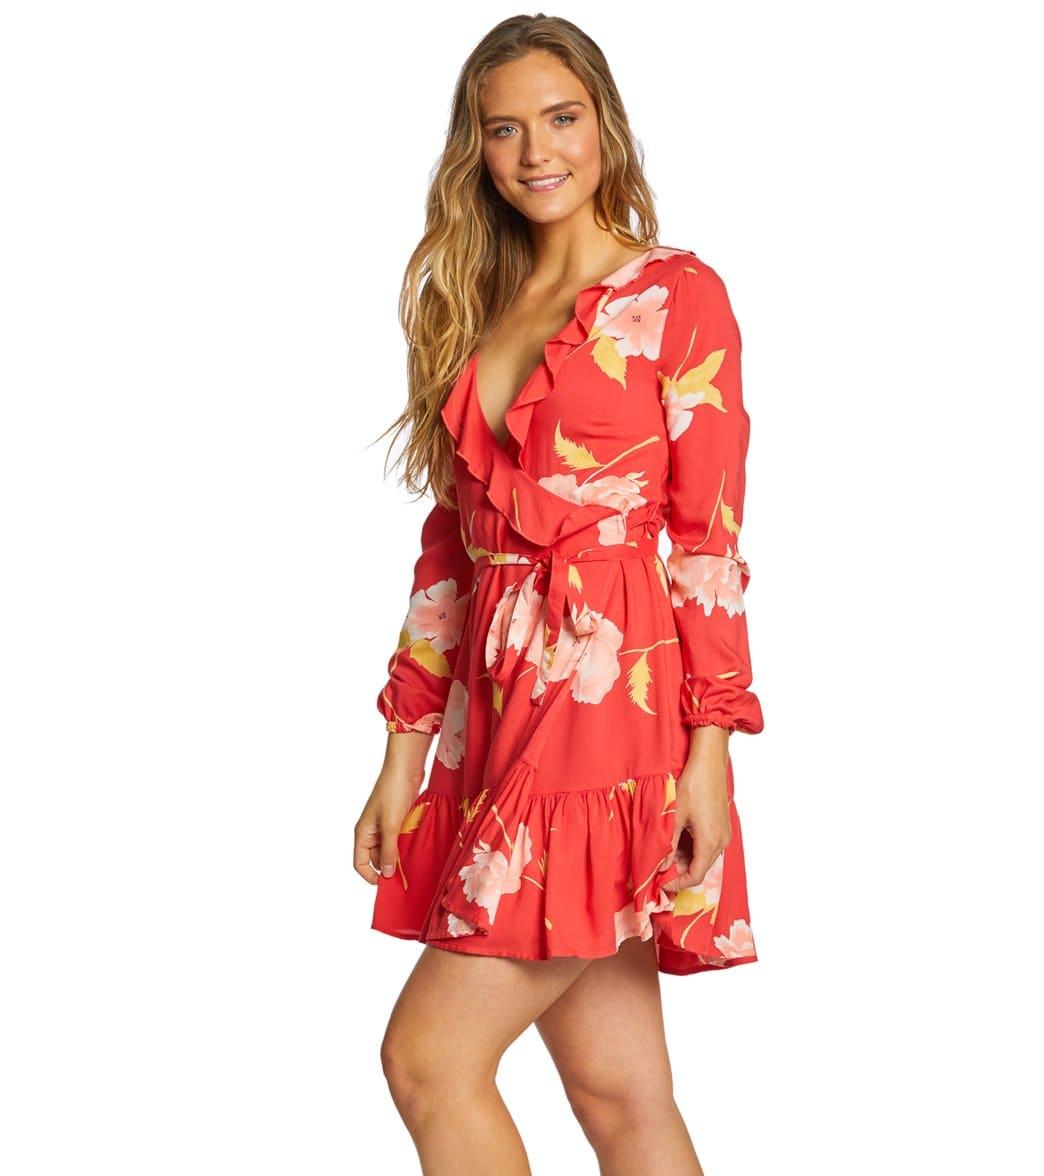 691c5770b4 Billabong Women's Ruff Girls Club Long Sleeve Dress at SwimOutlet ...